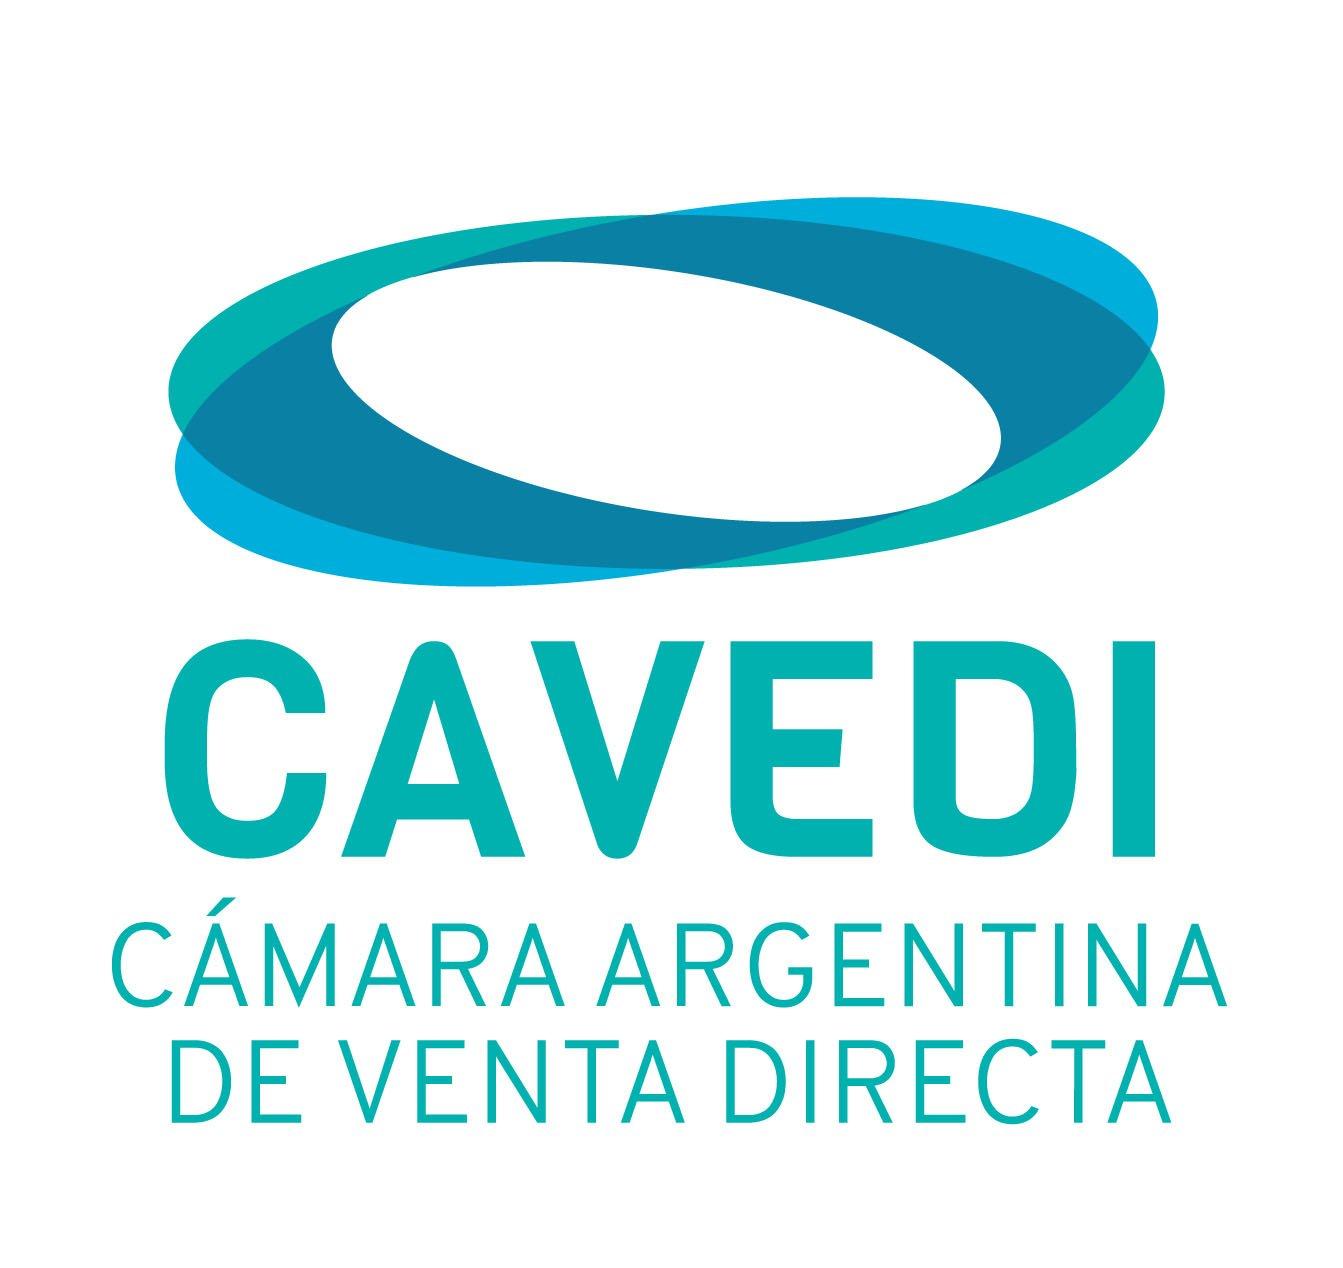 CAVEDI